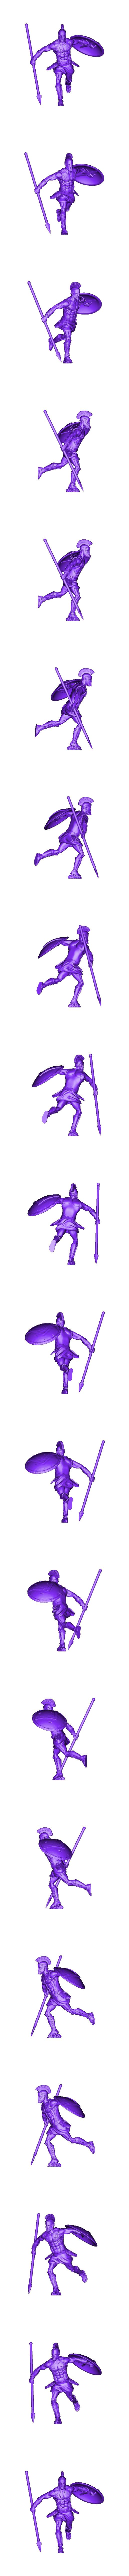 Spartan_Jump_1_-_28_mm.stl Télécharger fichier STL gratuit Spartans jump - Miniature 28mm 35mm 50mm • Plan pour impression 3D, BODY3D